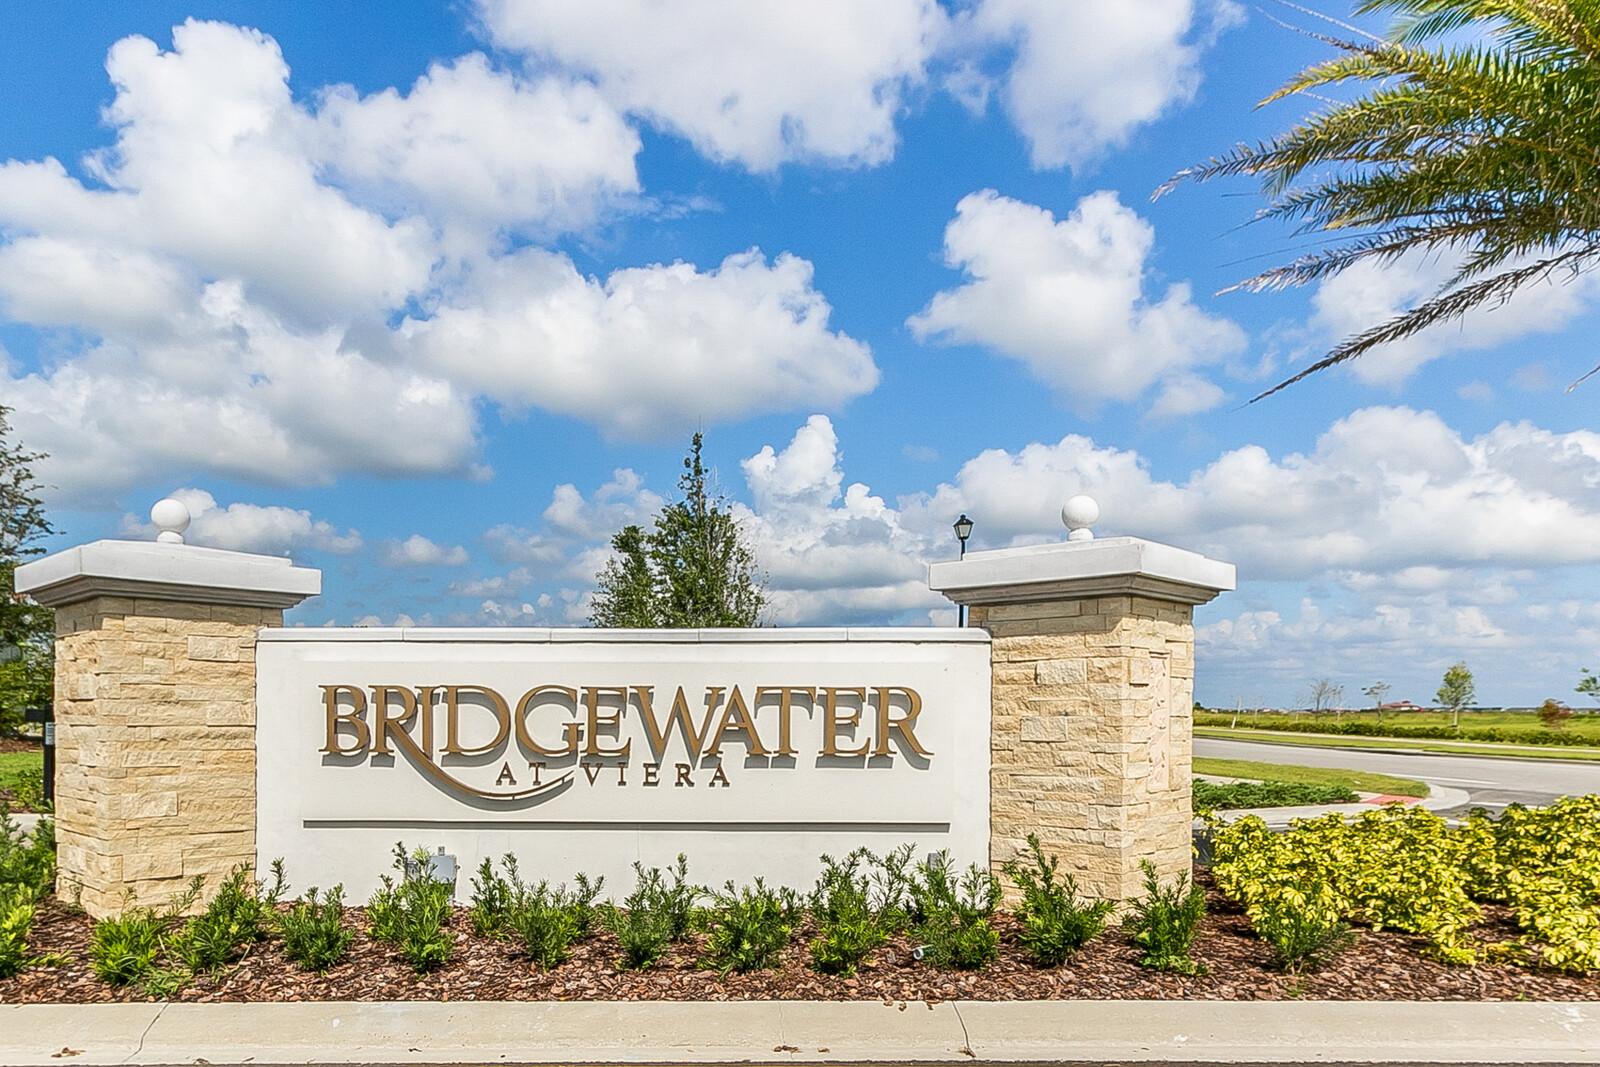 13_BridgewateratViera306_mls